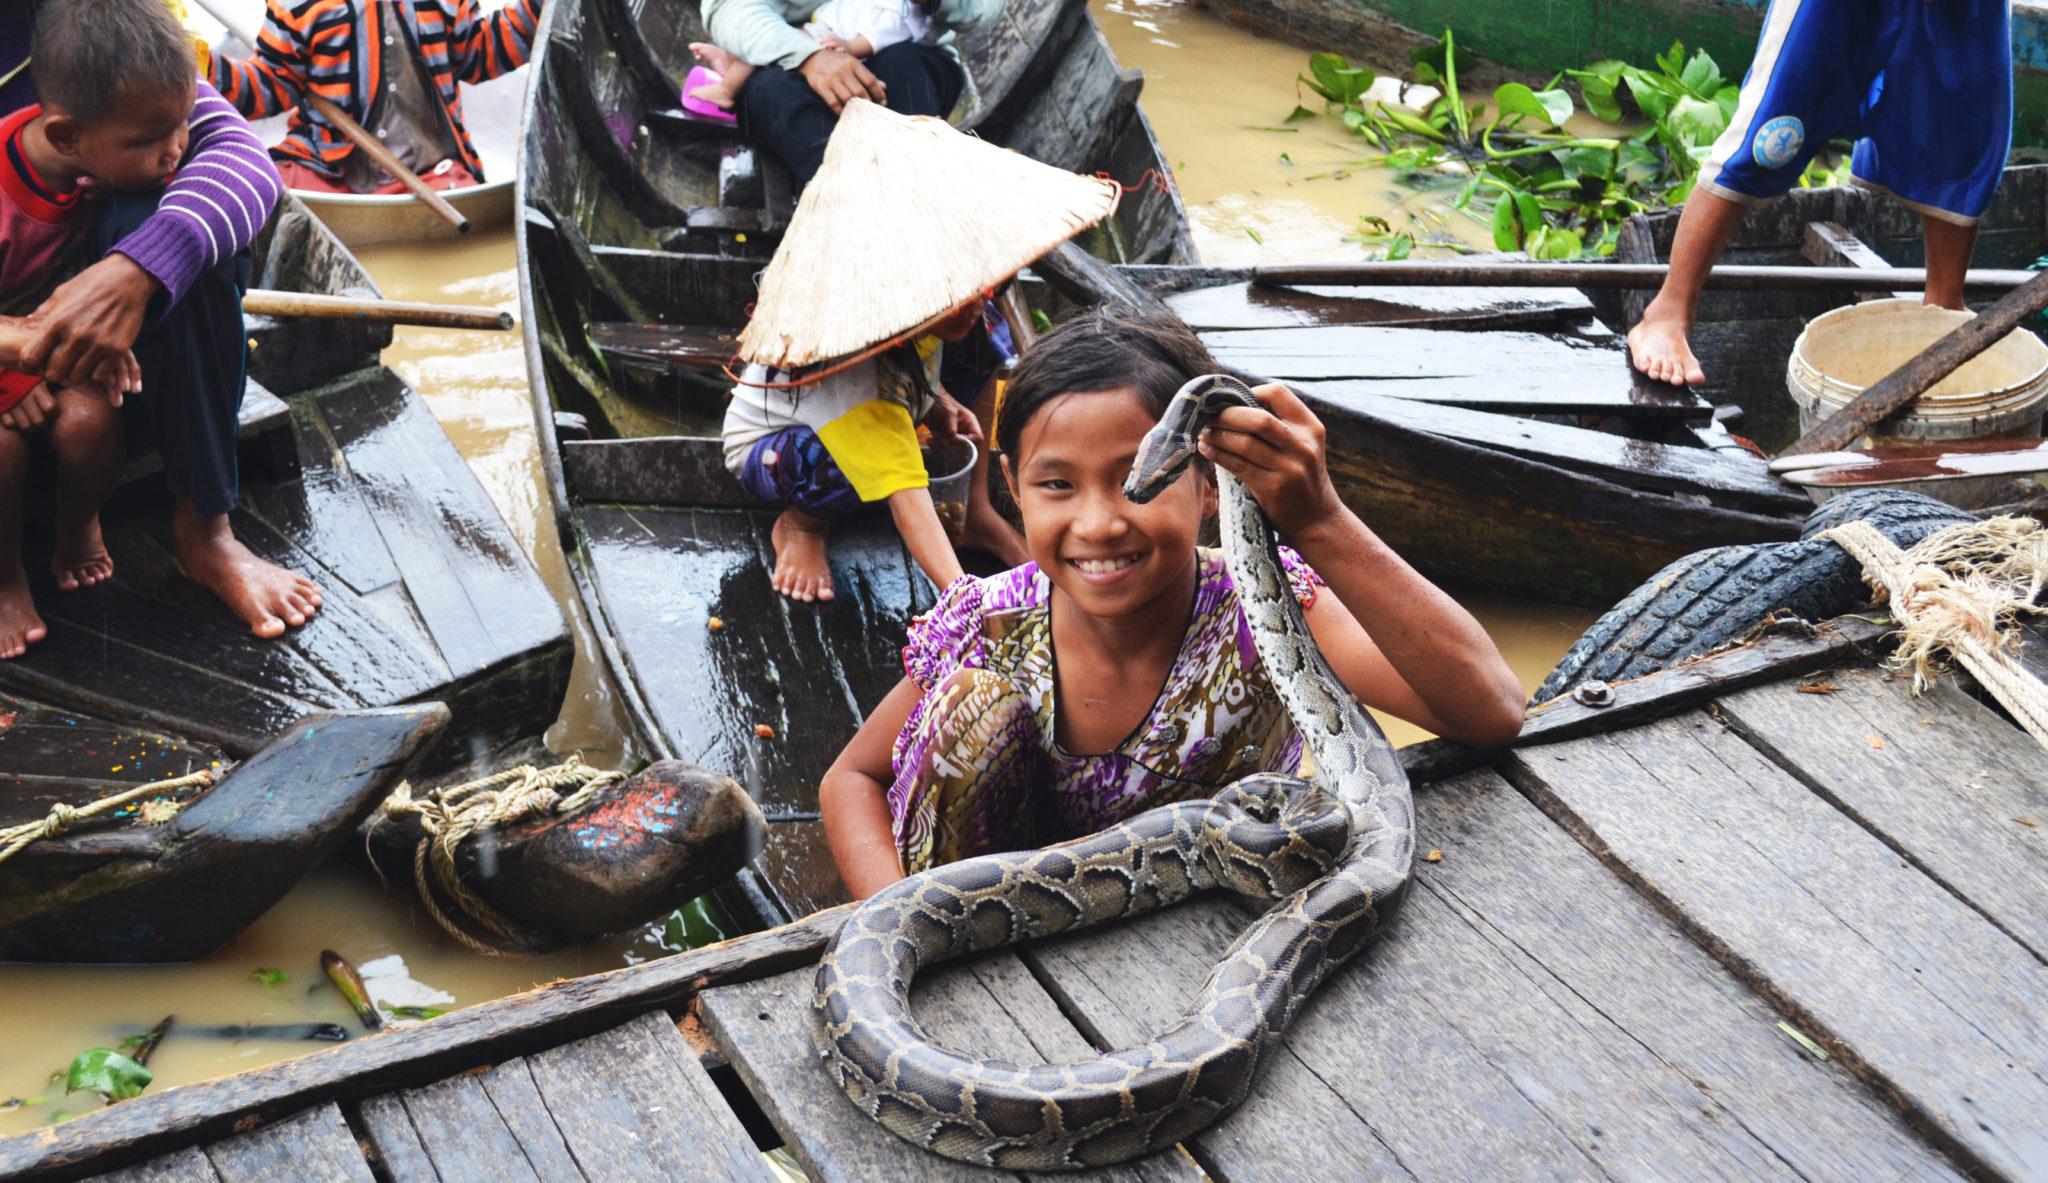 Зарабатывают на фото со змеями